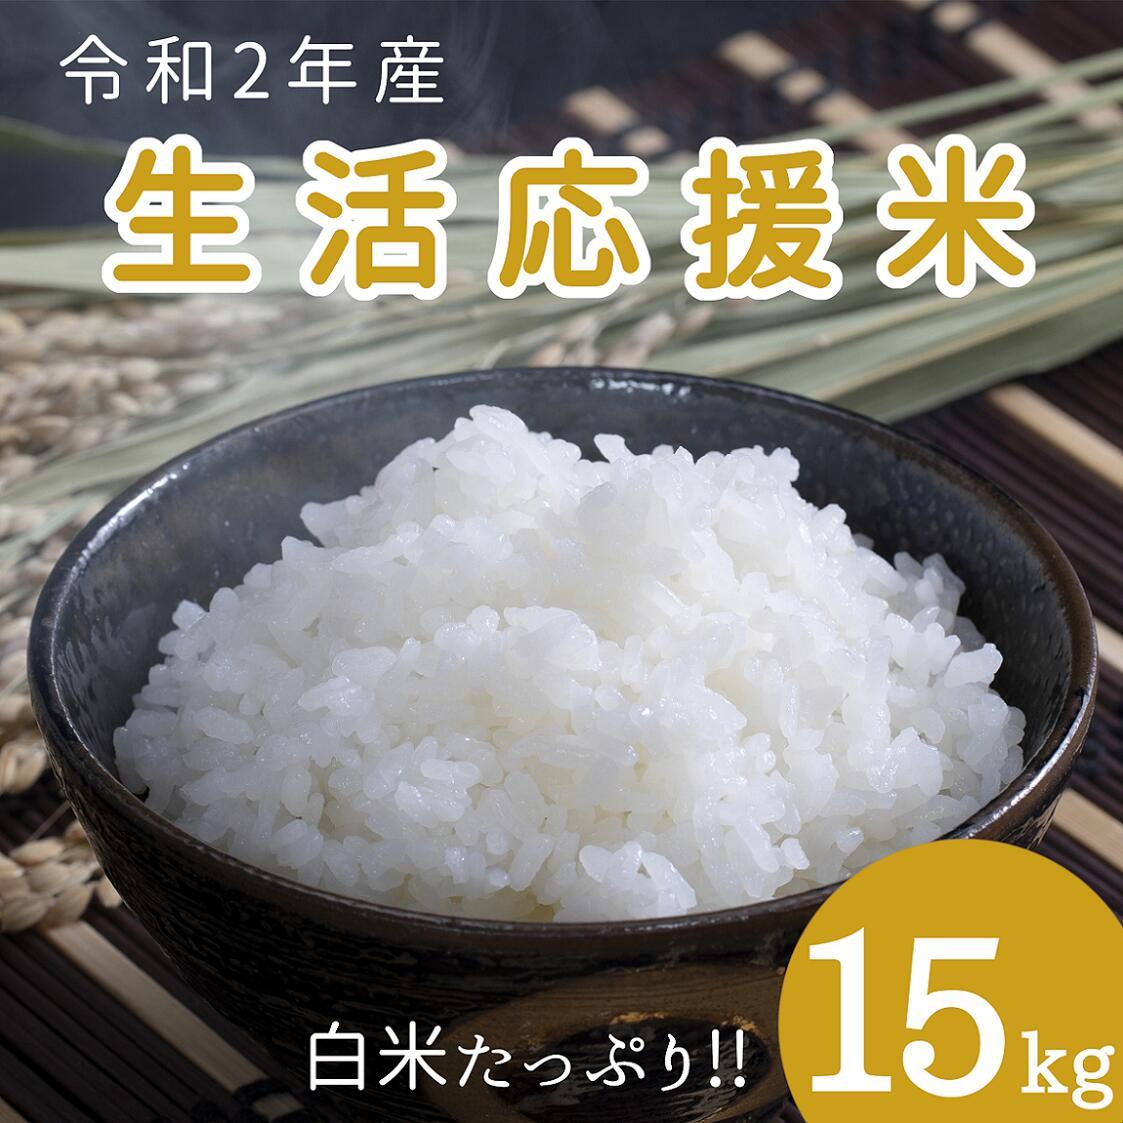 お米コスパ10位:晴れの国のお米を皆様に!生活応援米15kg